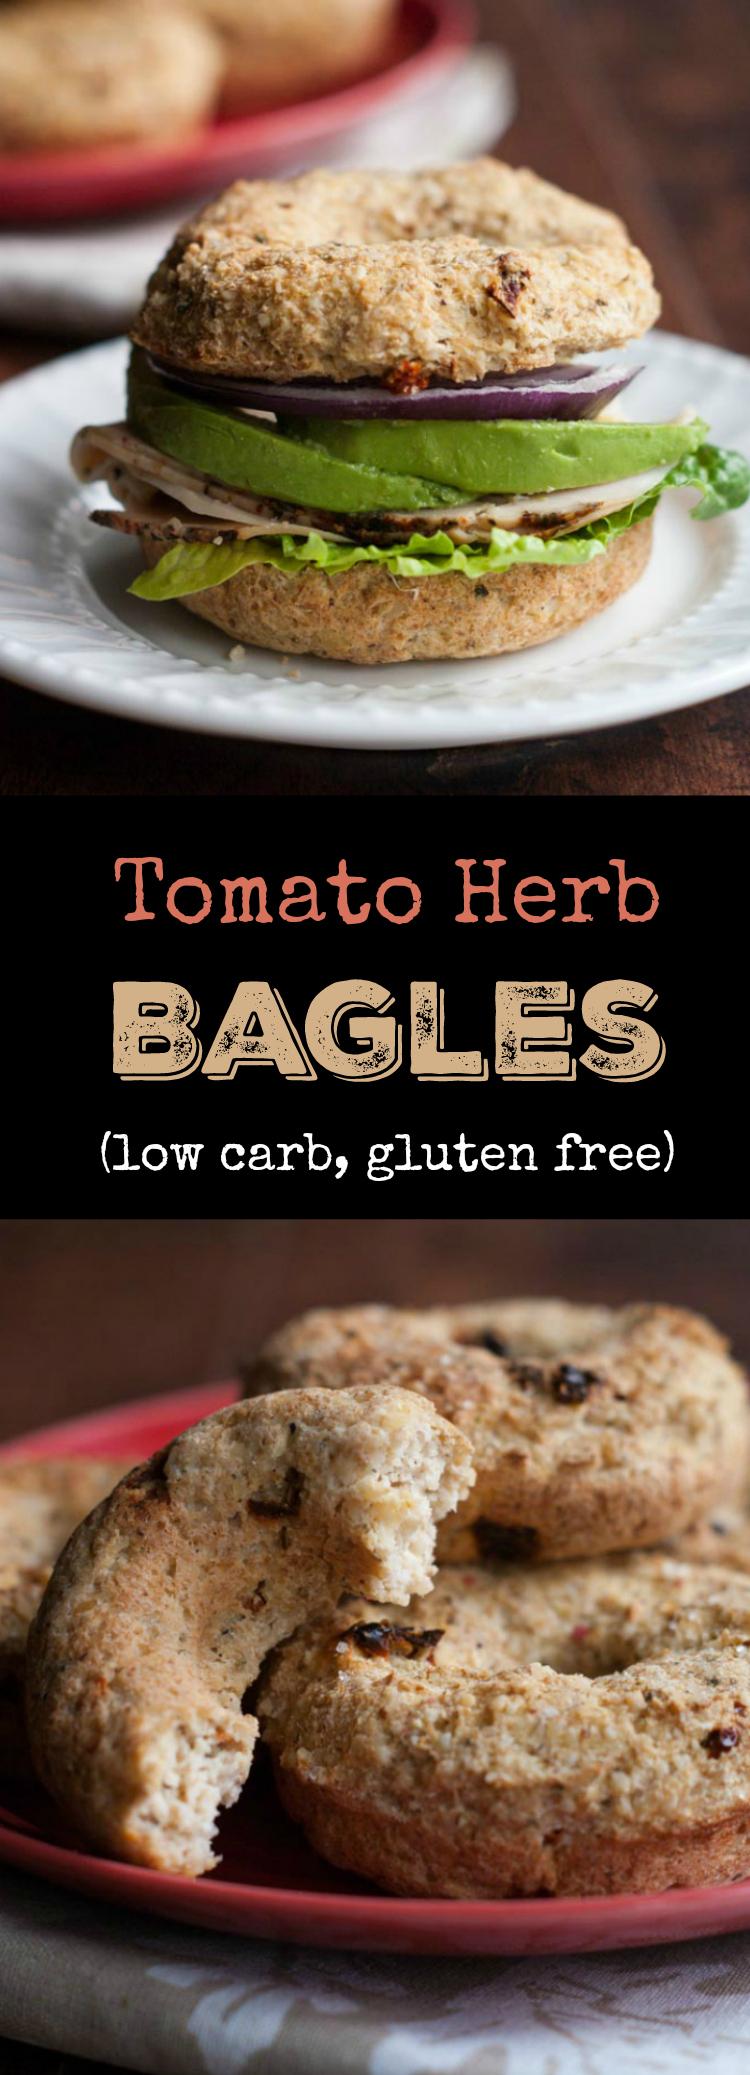 Tomato-Herb-Bagels-Gluten_Free-p